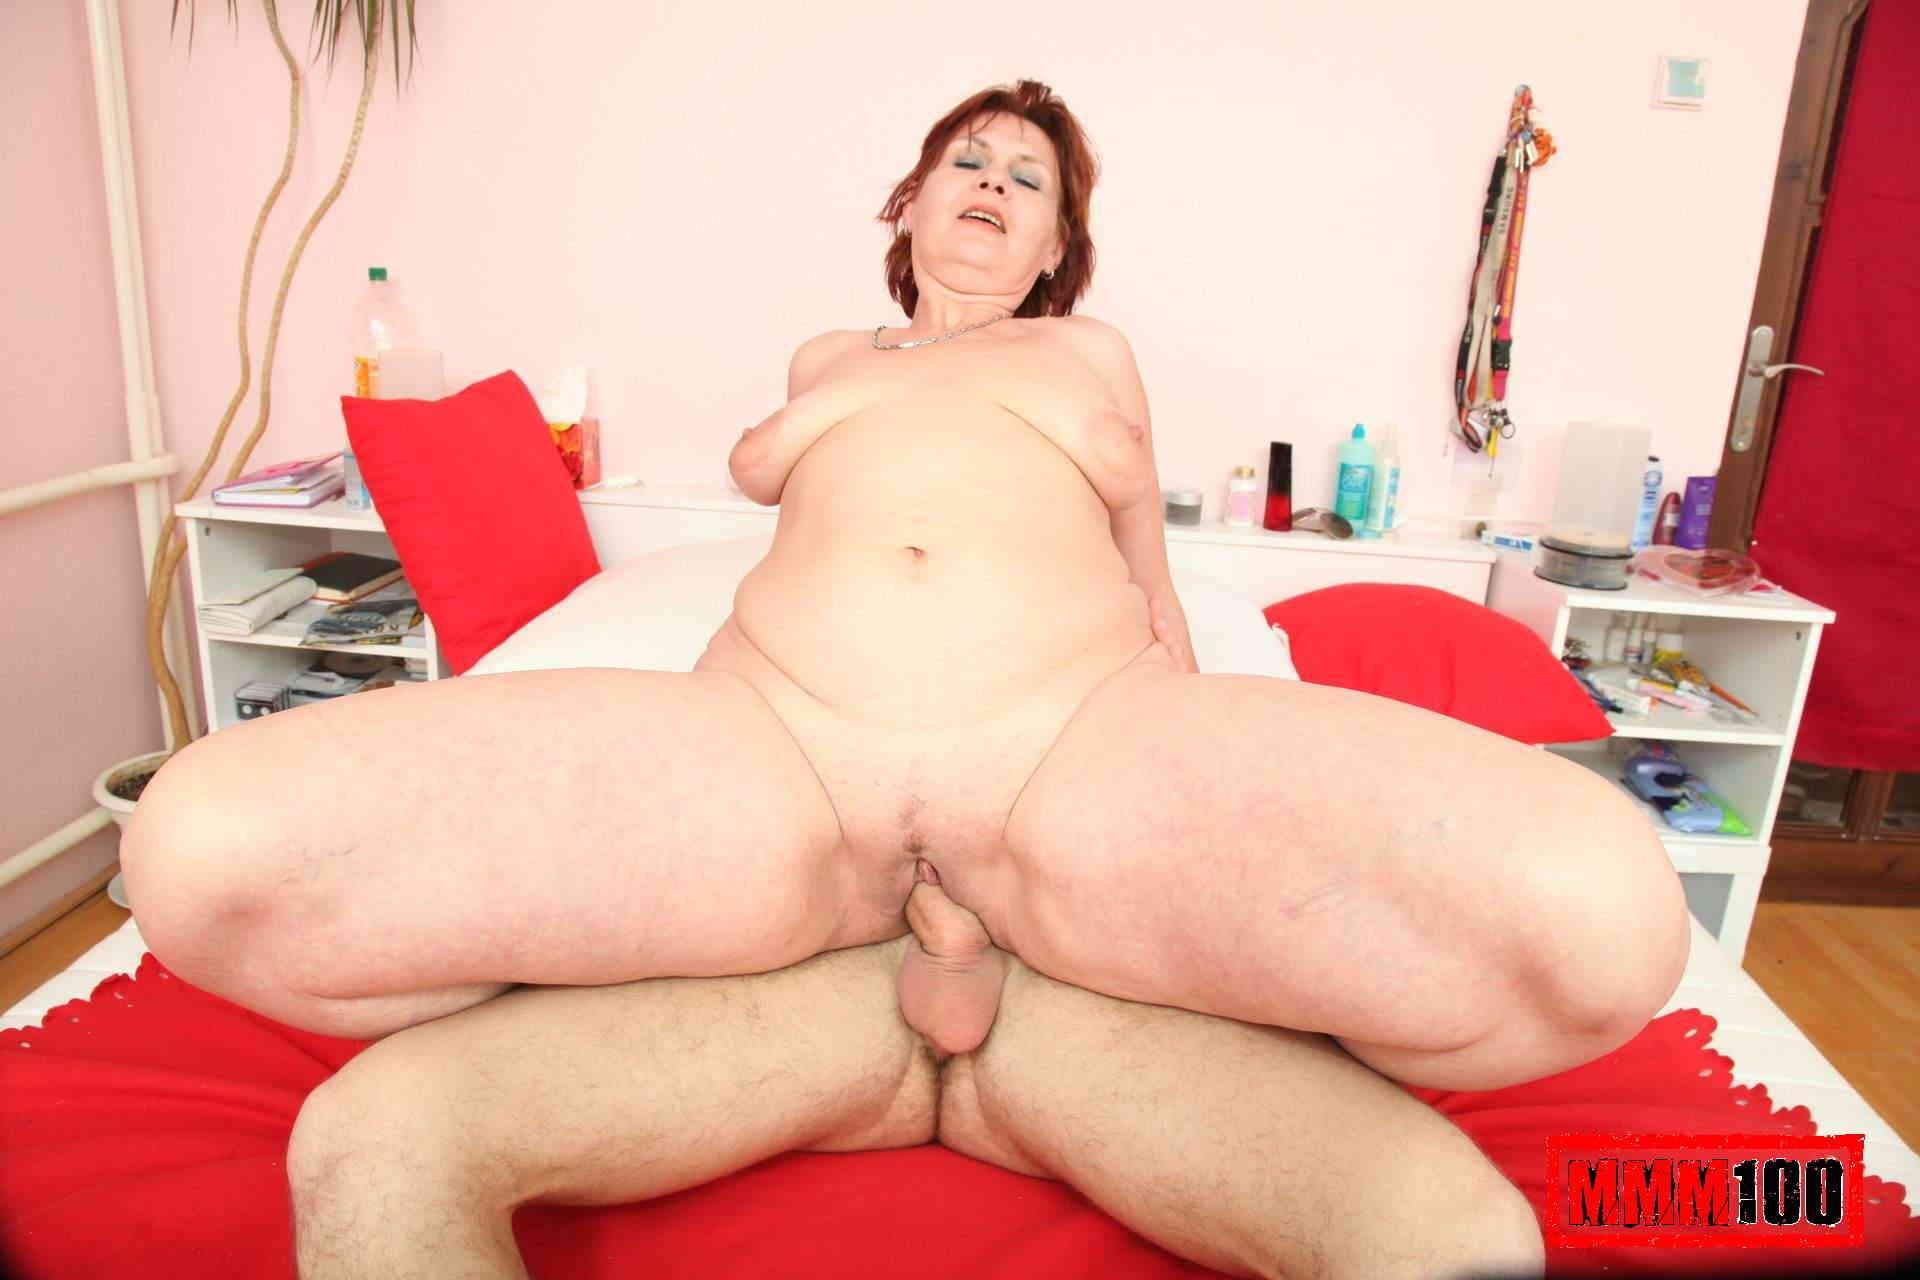 Секс как сын пристал к маме и трахнул 20 фотография